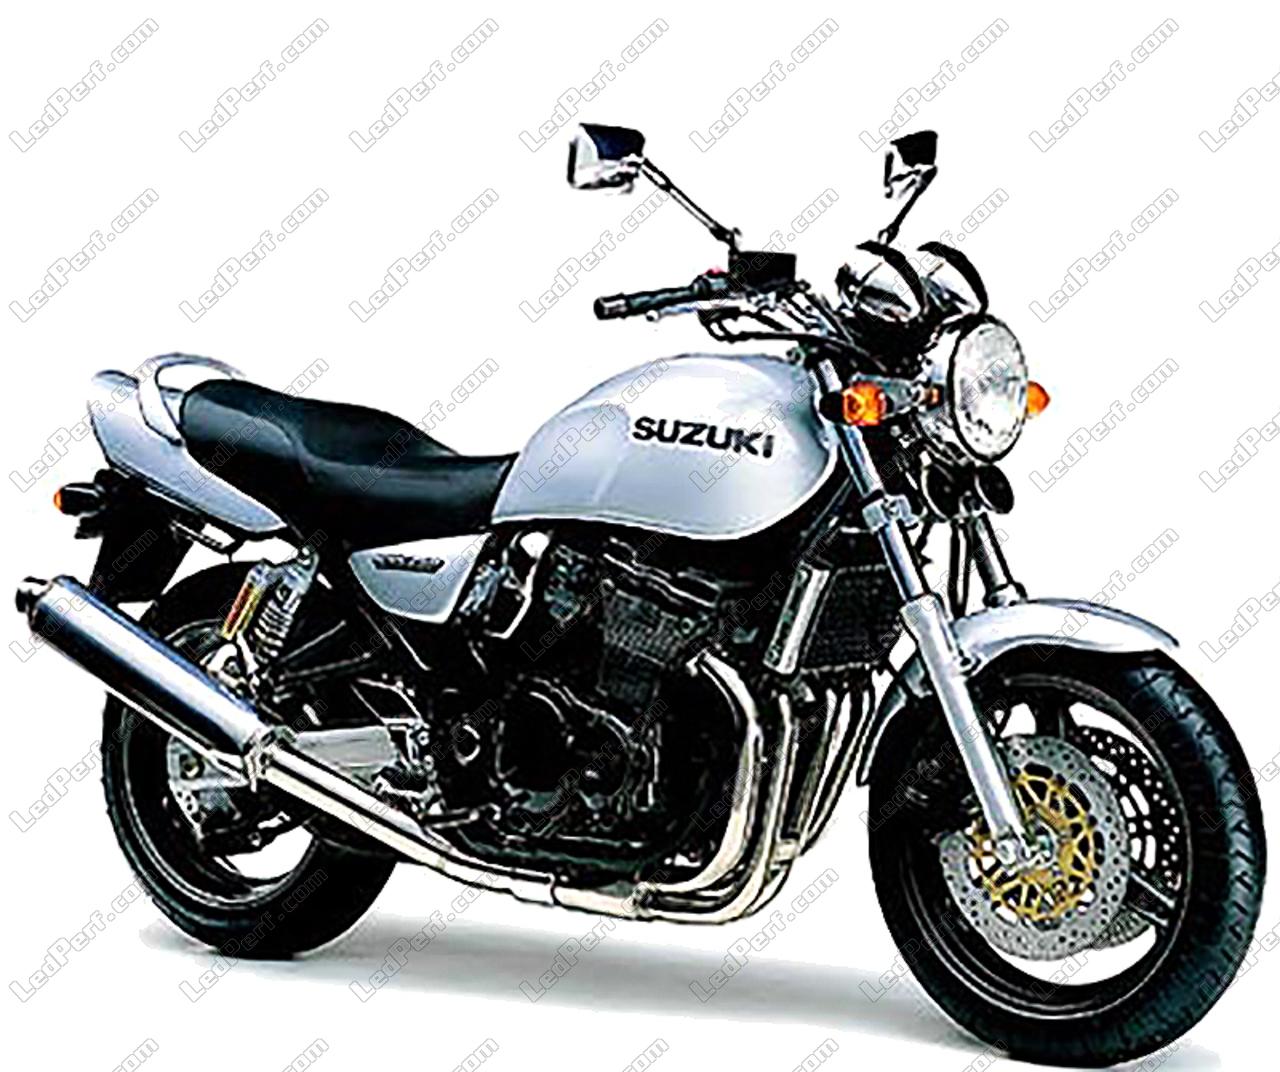 Pack Led Sidelights For Suzuki Gsx 750 Side Lights